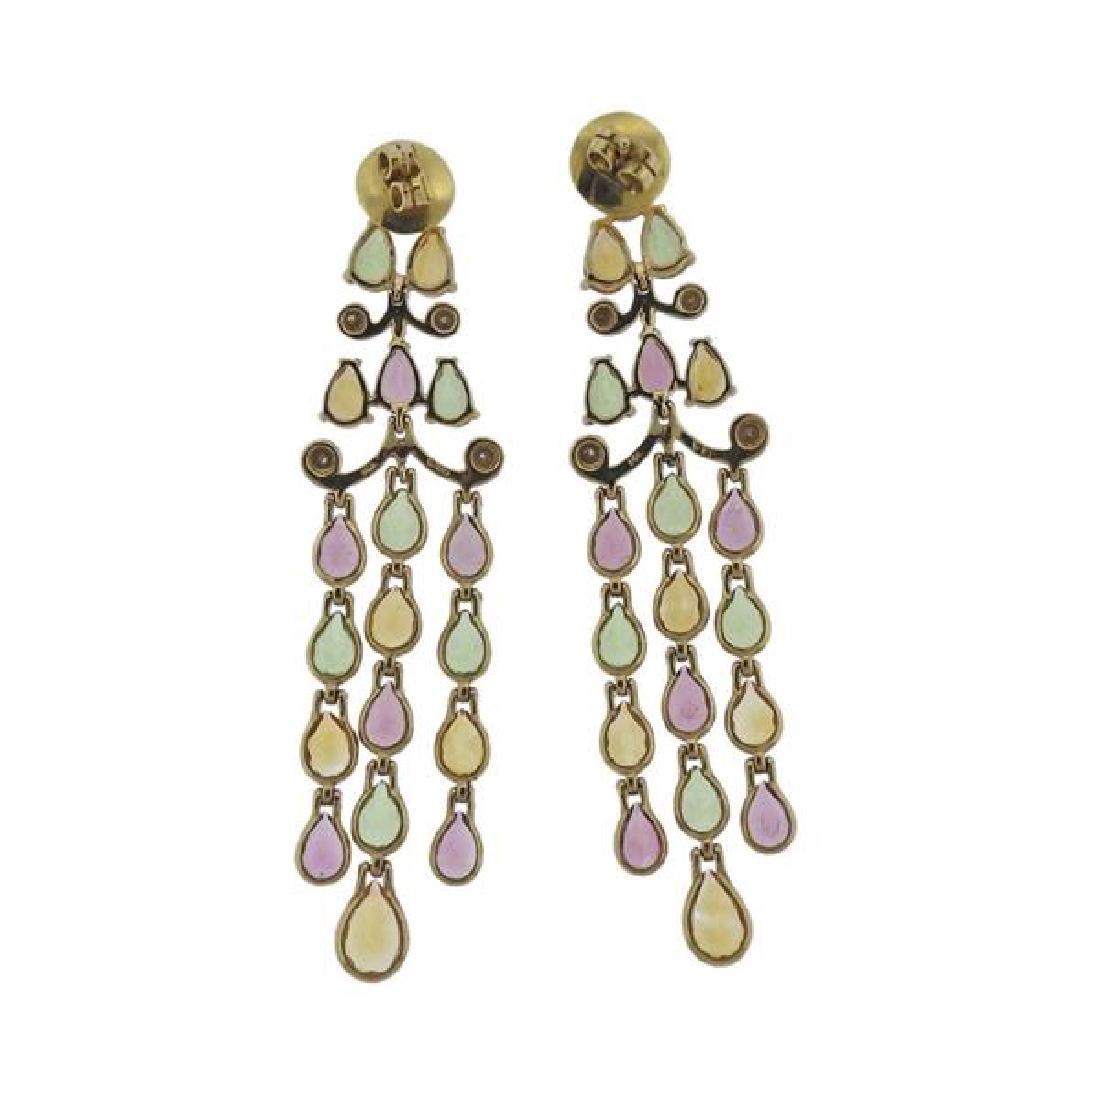 14k Gold Diamond Gemstone Chandelier Earrings - 2